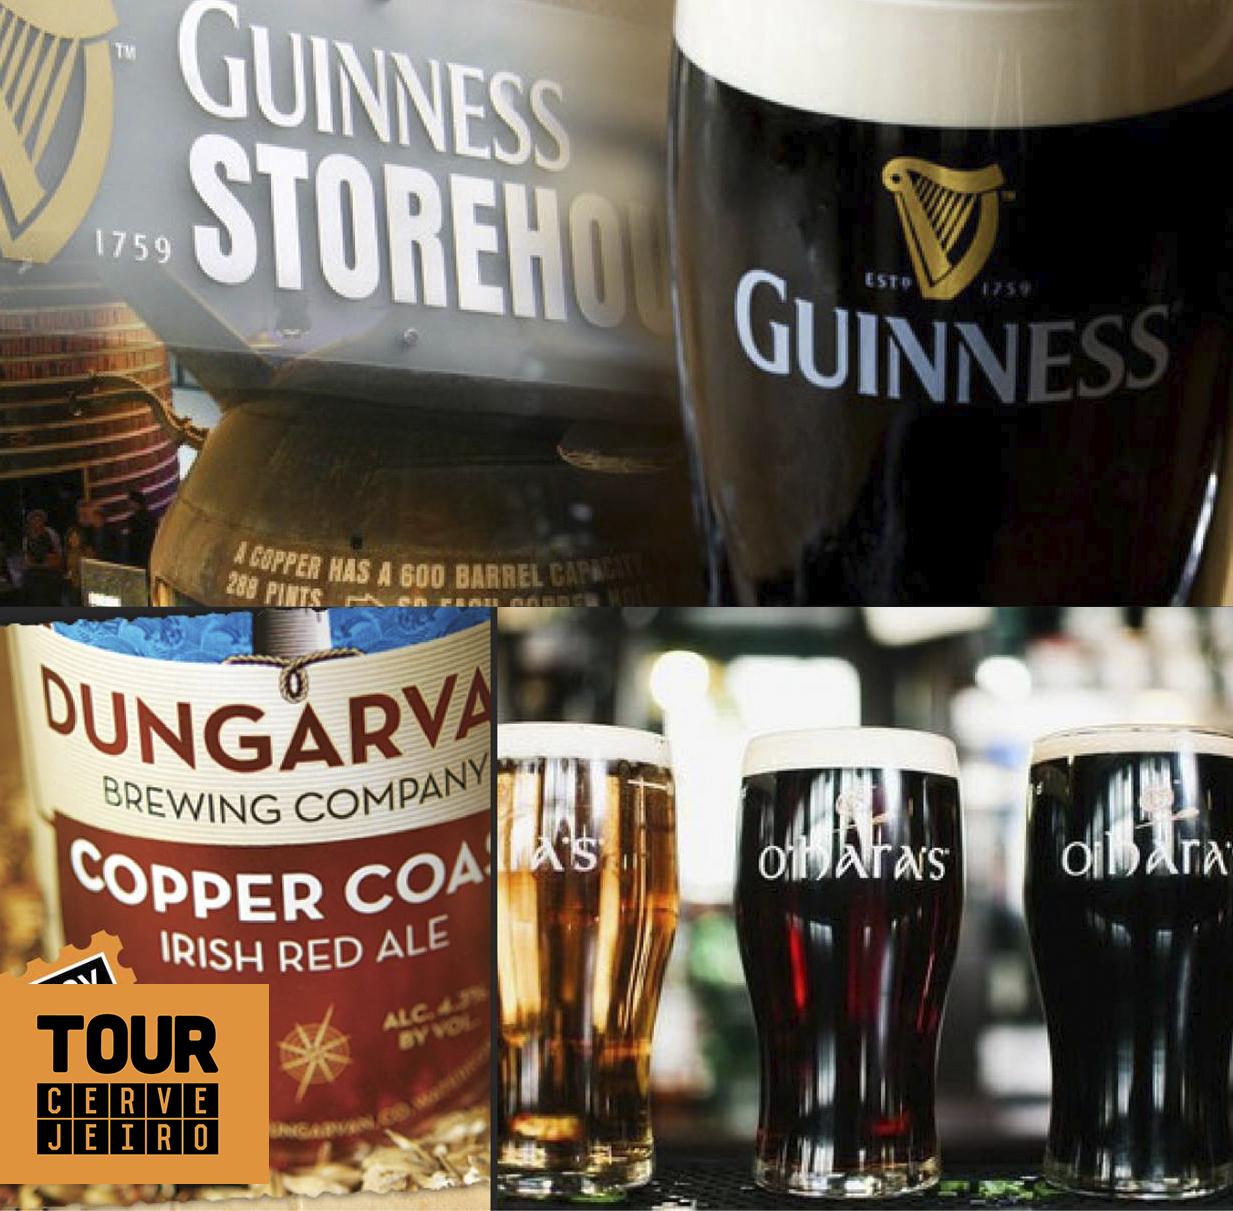 Além do tradicional desfile do St. Patrick's Day, o roteiro contempla tour por pubs, três dias de rota cervejeira pelo interior com parada em cordilheiras, castelos e sítios arqueológicos, a destilaria The Old Distillery Jameson e a fábrica da Guinness (Fotos: Divulgação)